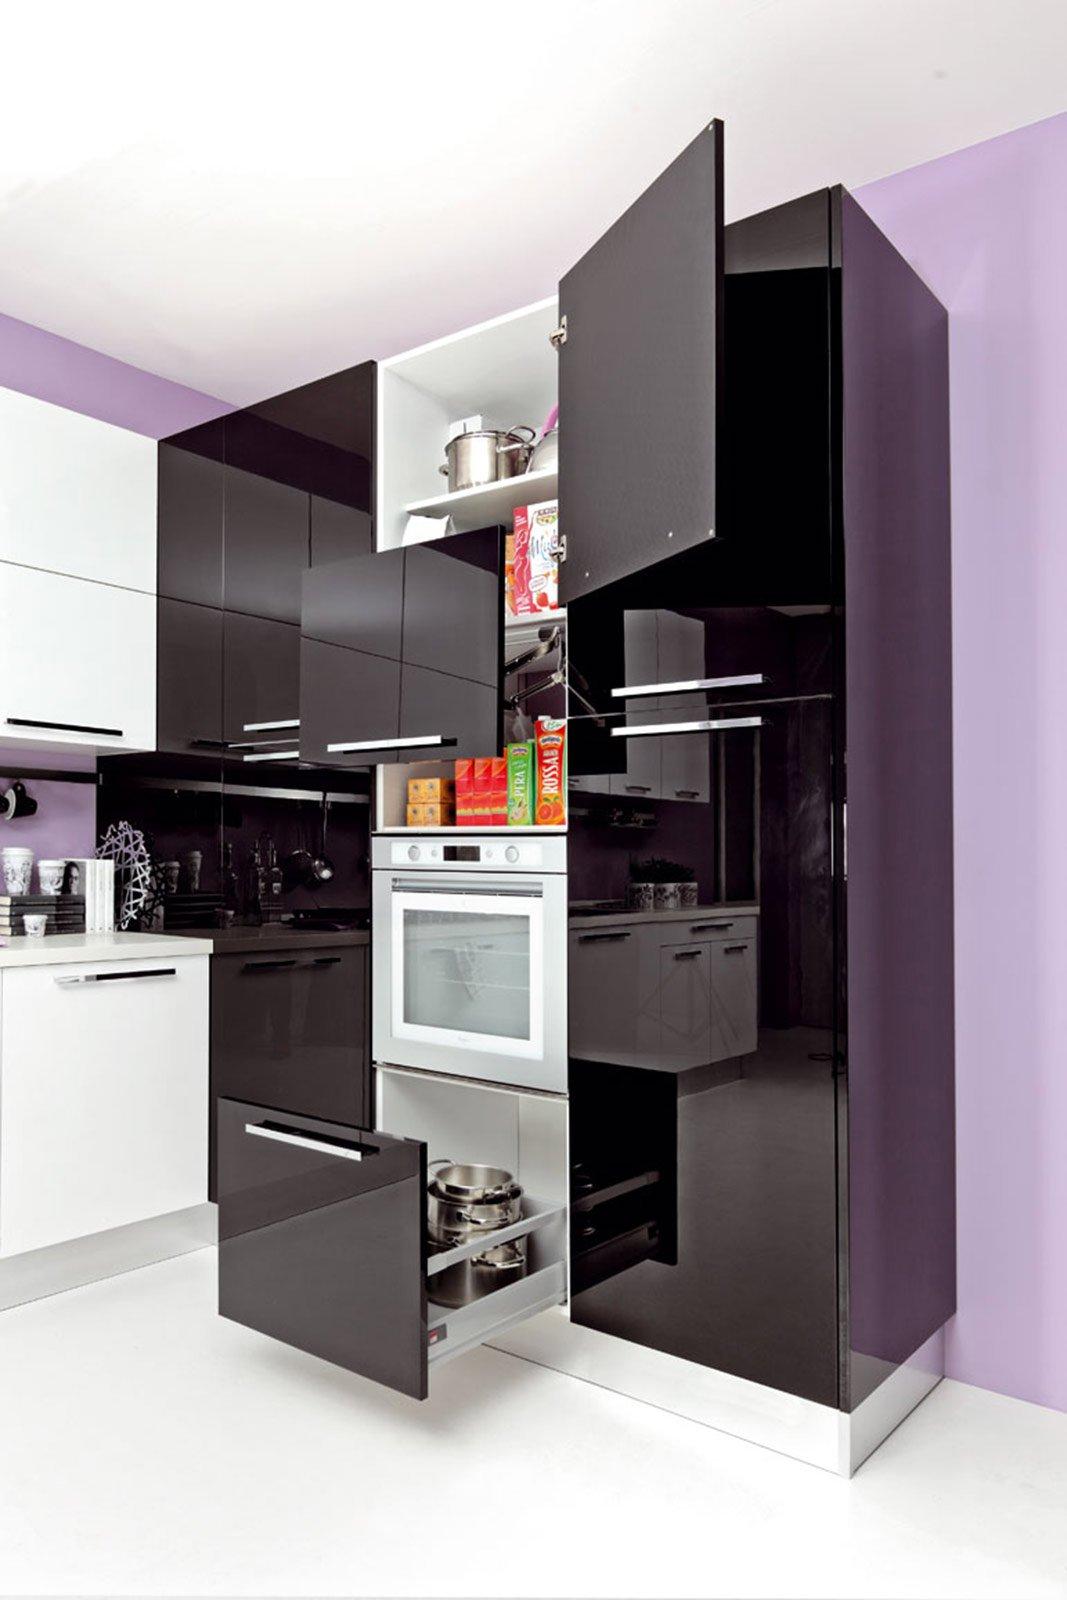 funzionalità in cucina con le attrezzature giuste - cose di casa - Quanto Costa Una Cucina Lube